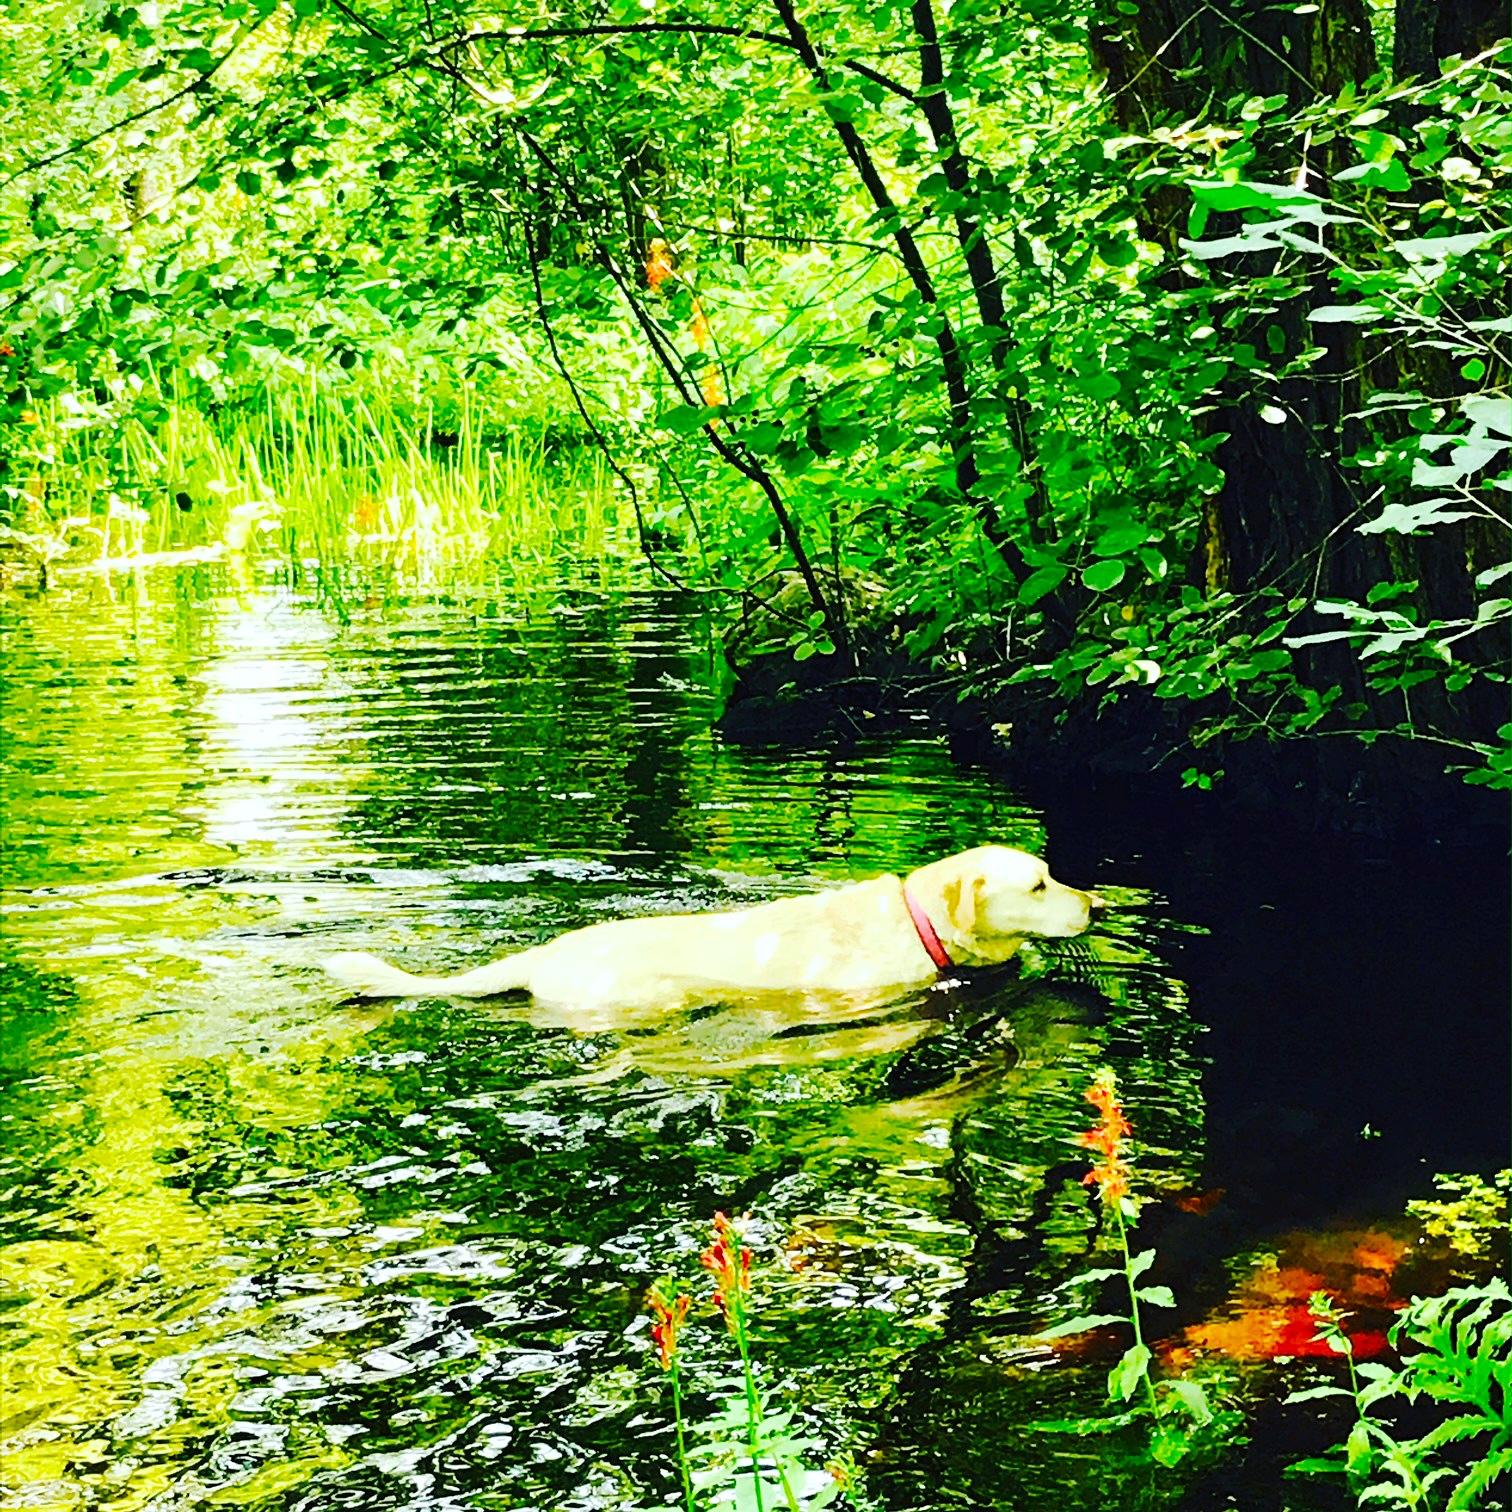 Suzi swimming in the brook